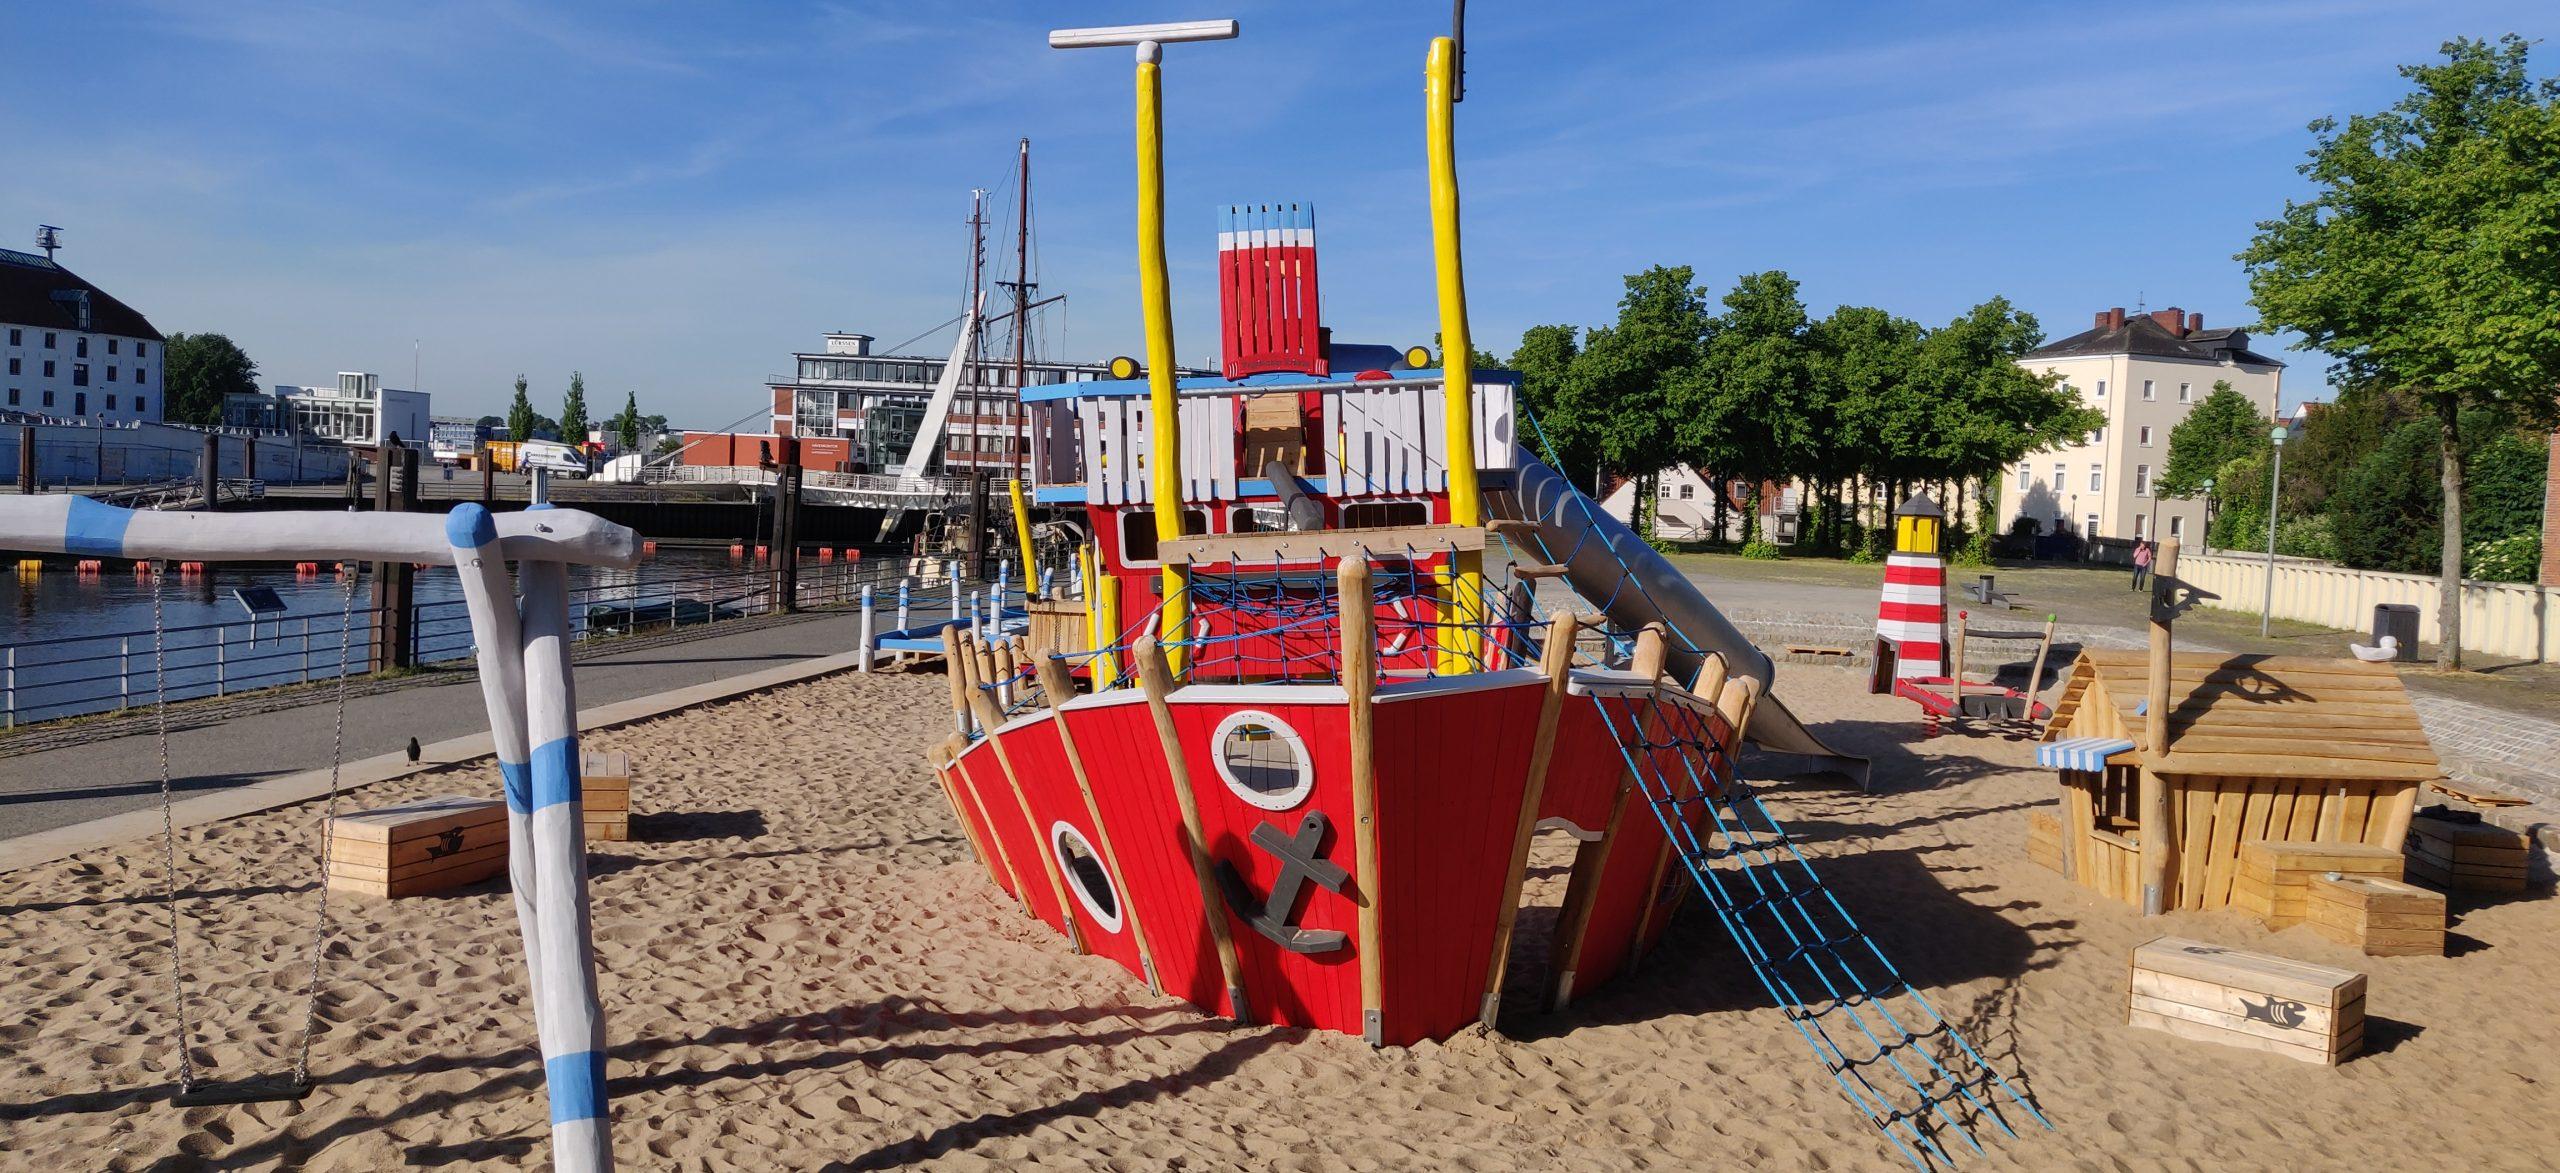 Klettergerüst in Schiffform mit Schaukel Spielplatz